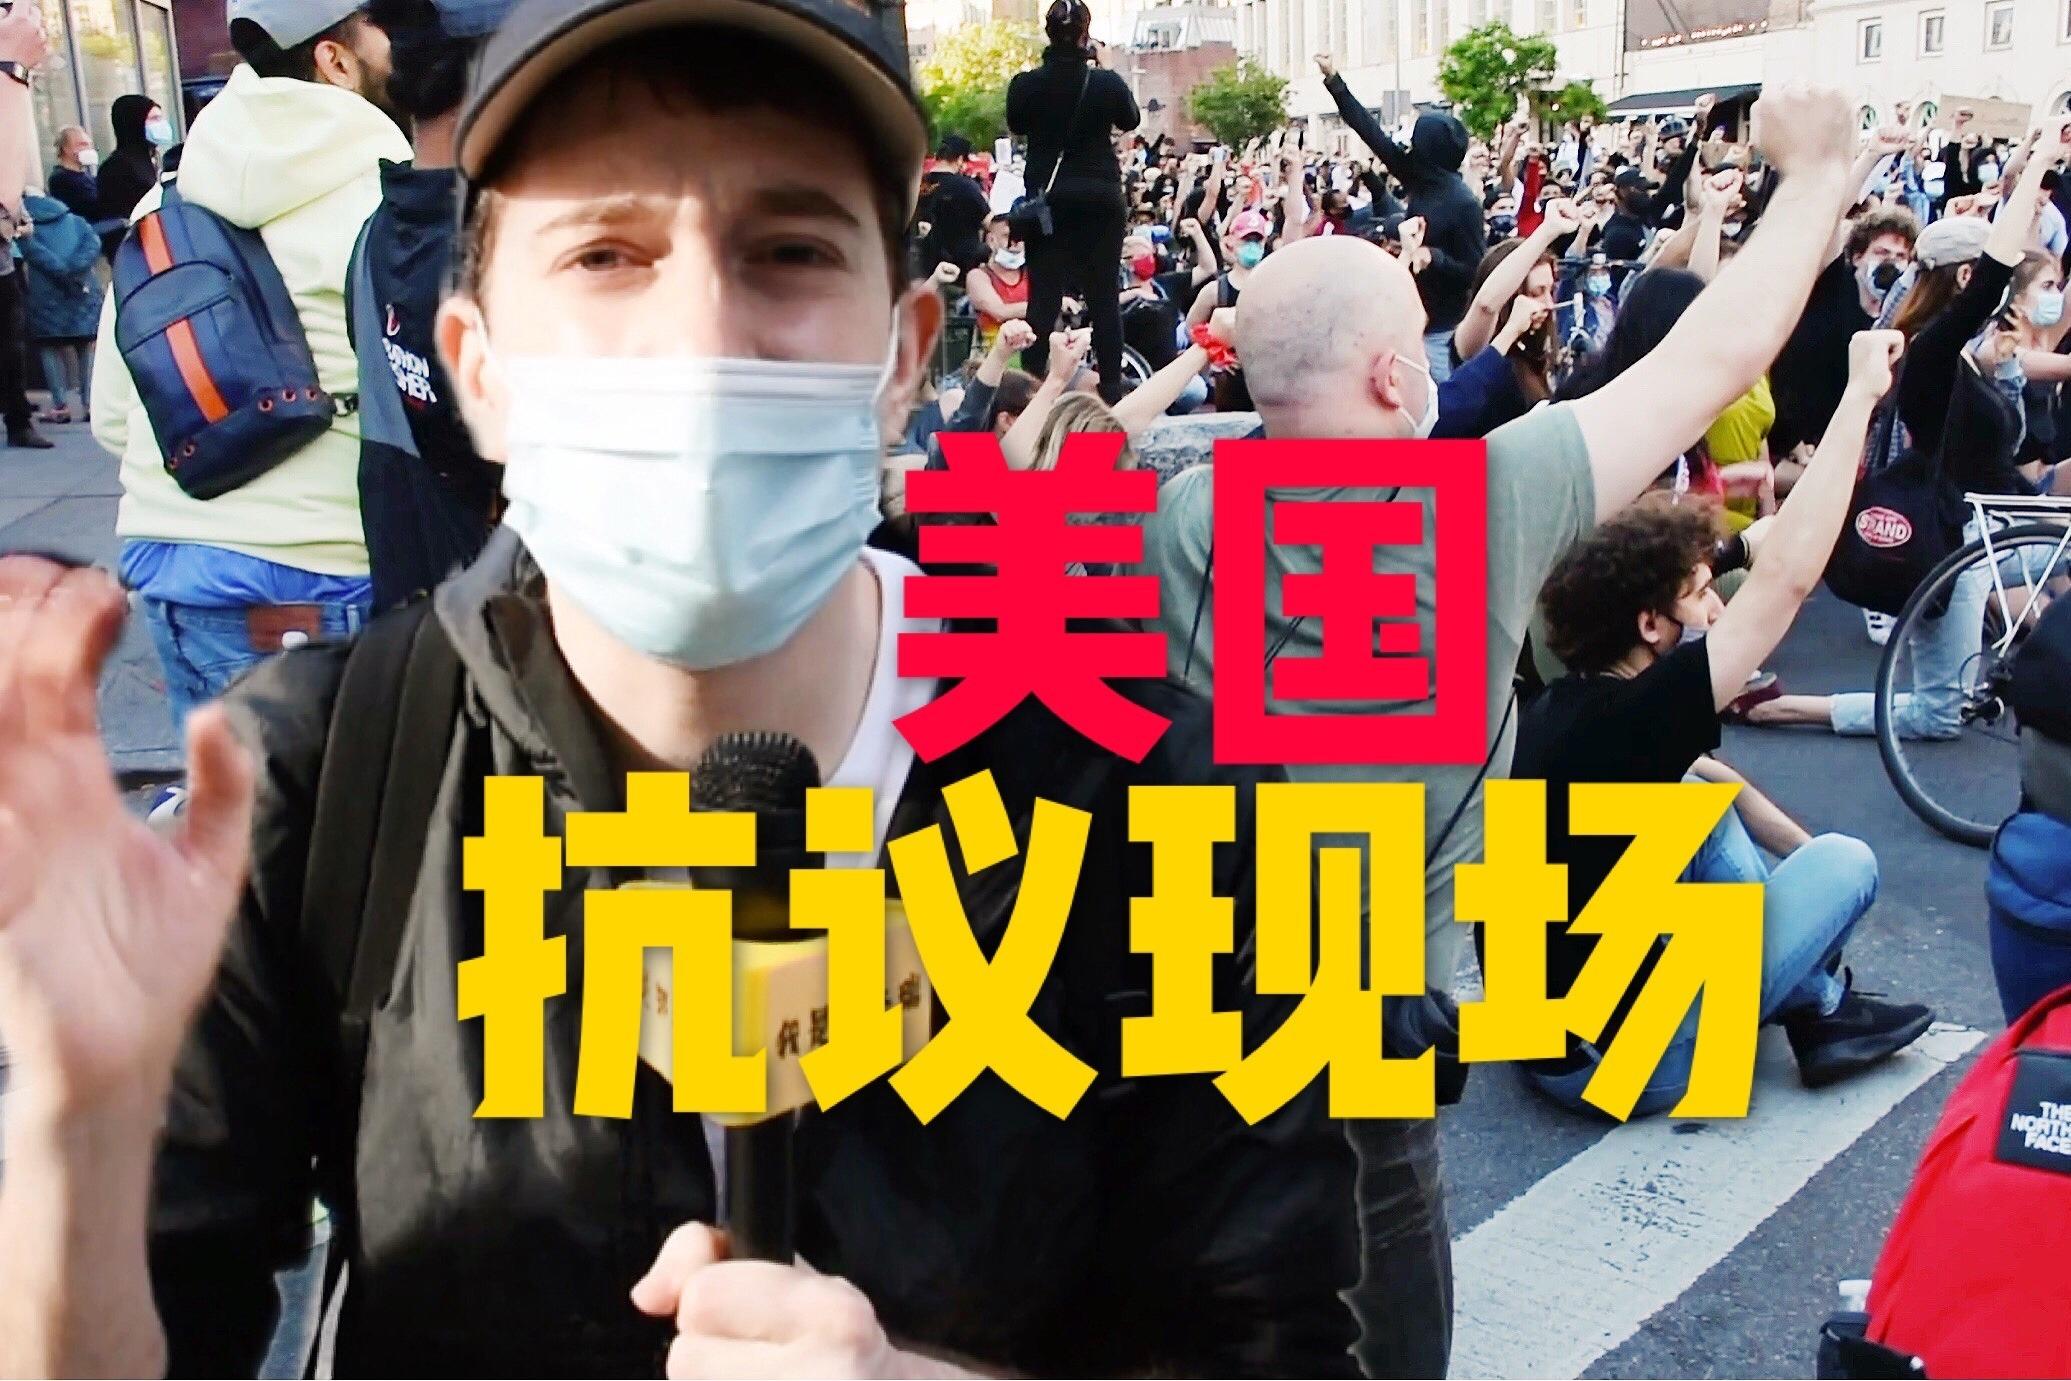 实拍美国抗议现场,街访纽约示威者!